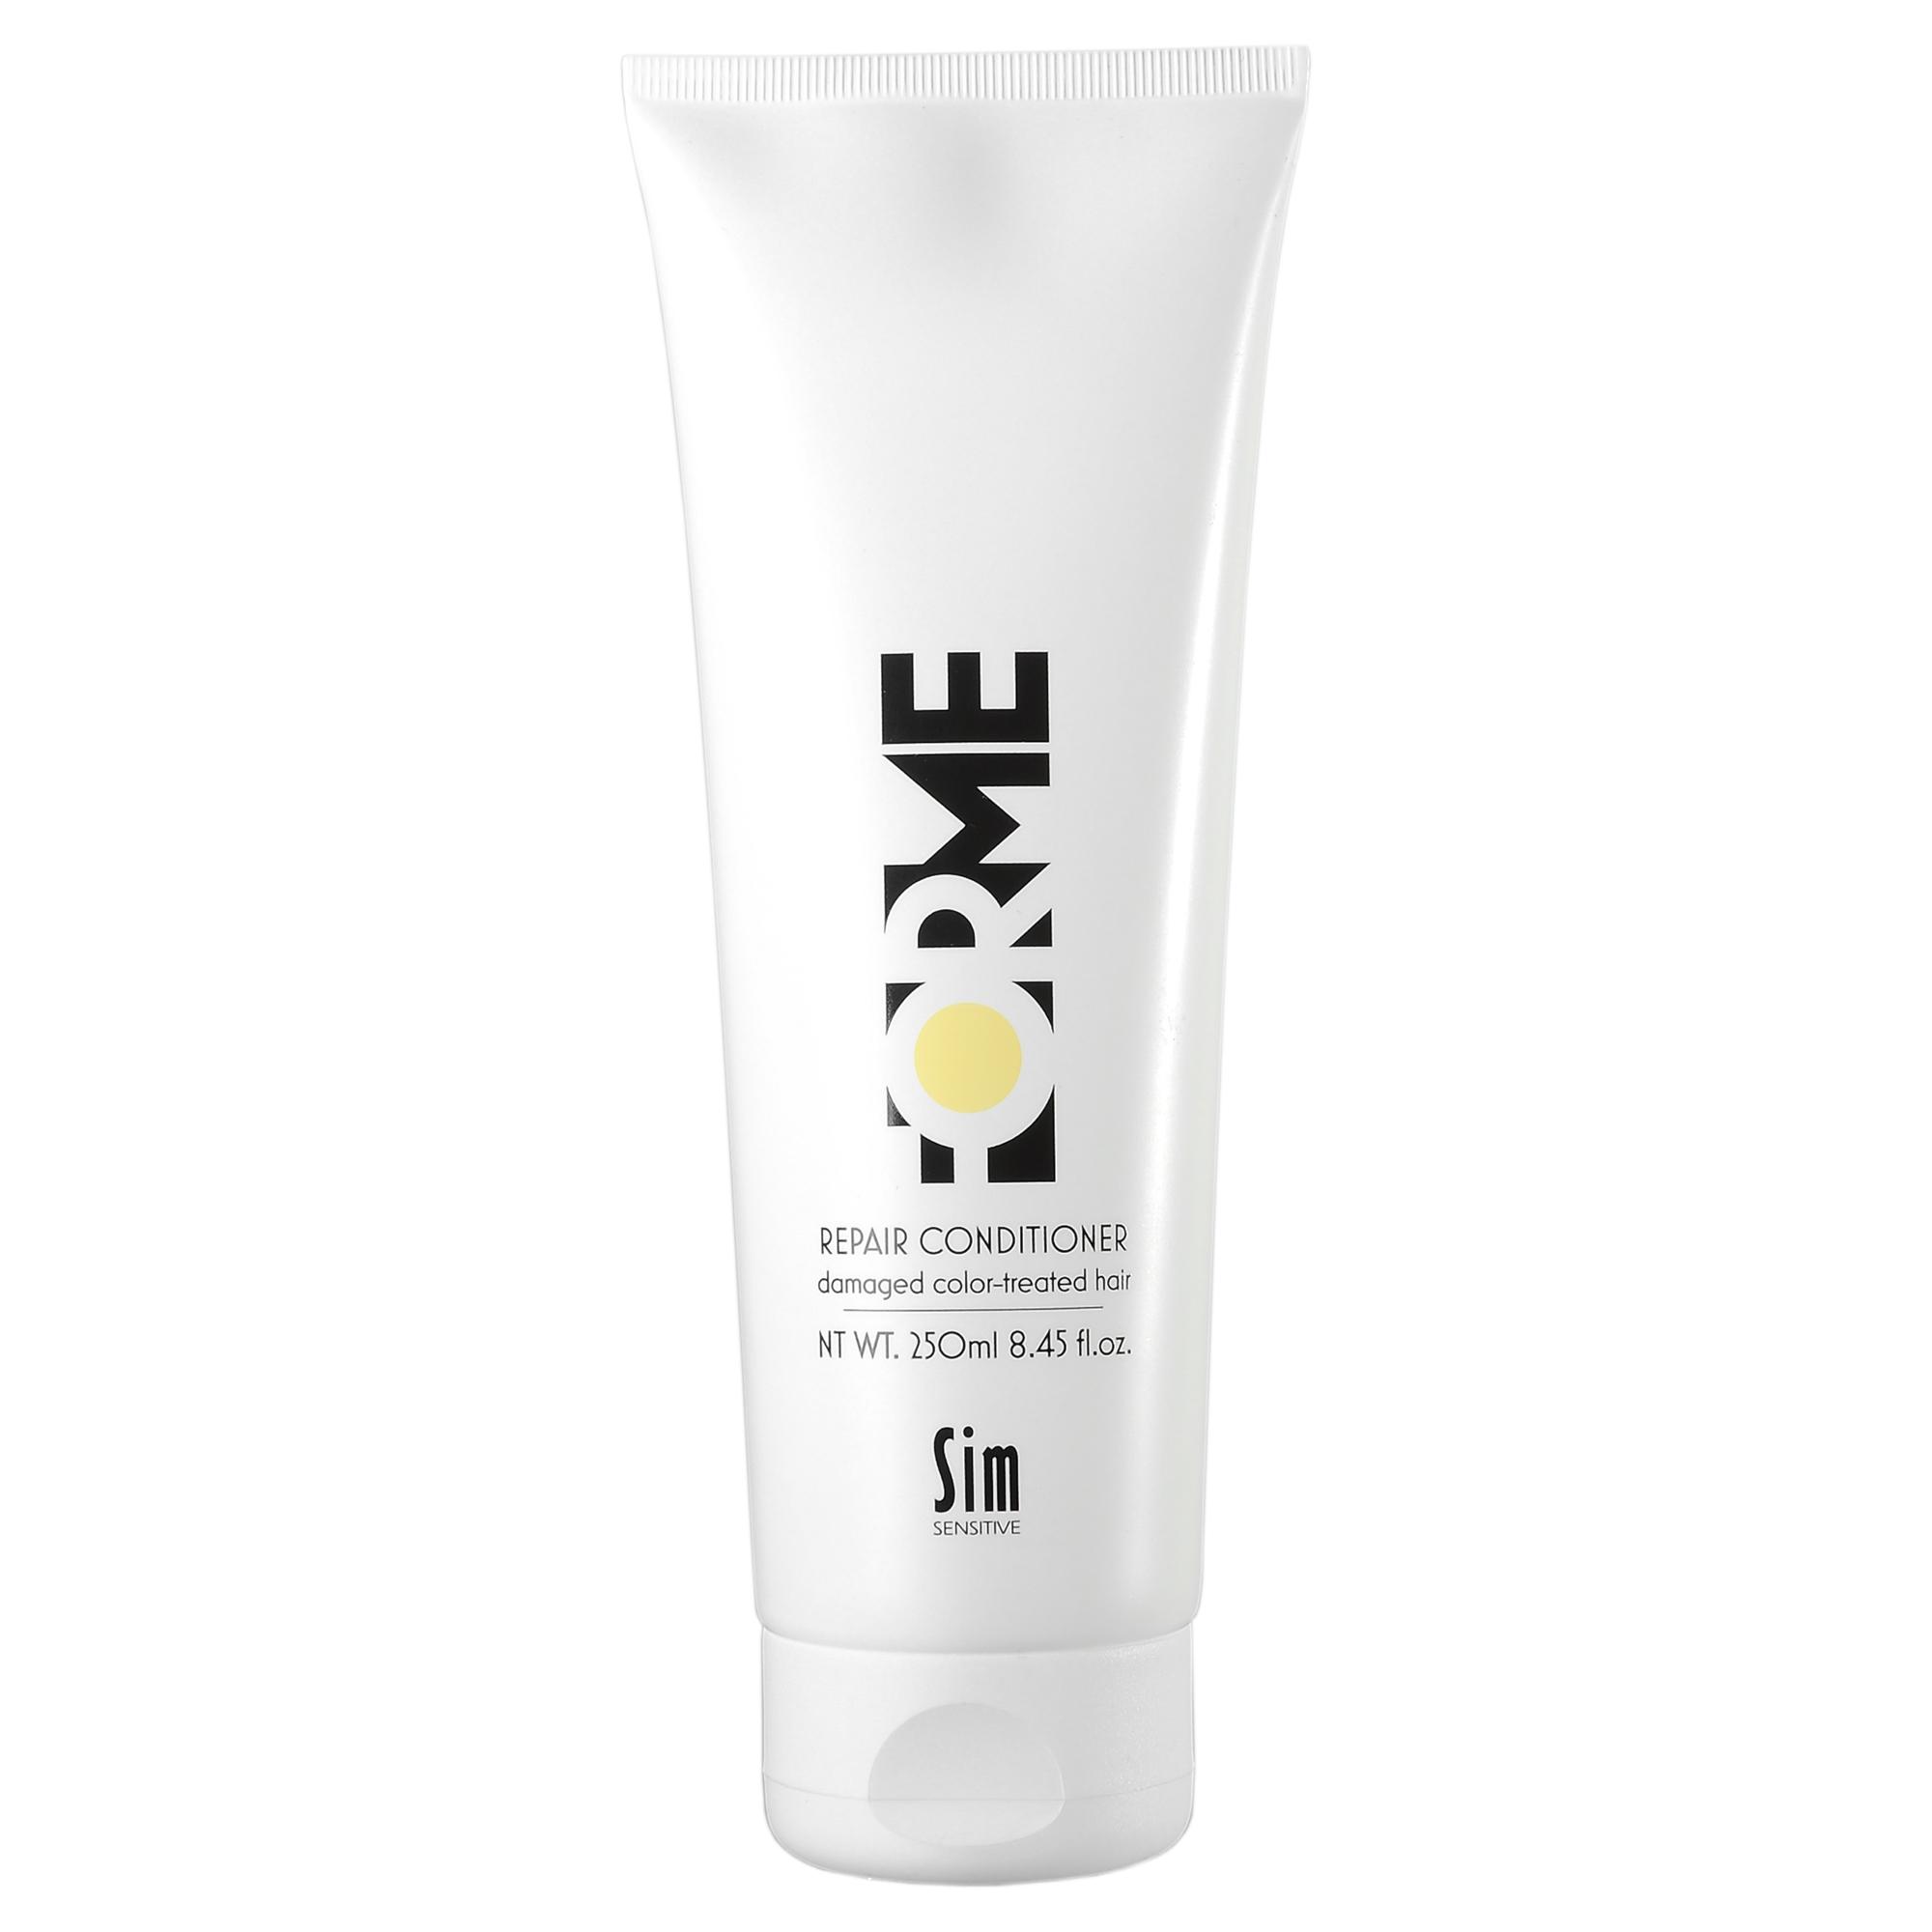 SIM SENSITIVE Бальзам для волос / Repair Conditioner FORME 250млБальзамы<br>Интенсивный восстанавливающий кондиционер для волос Repair обладает лечебным действием за счет натурального масла семян облепихи. Кондиционер идеально подходит для ежедневного ухода за окрашенными волосами. Обязательно применять после шампуня Forme Repair для закрытия кутикул волоса и придания гладкости волосам. Кондиционер укрепляет структуру волоса как внутри, так и снаружи и восстанавливает поврежденные участки волоса. Защищает от УФ-лучей. Основной действующий компонент Forme Repair   масло из мякоти и семян облепихи. Масло содержит полезные кислоты омега-9, которые легко проникают в кожу головы и структуру волоса, насыщая их витаминами, а также редкие кислоты омега-7, в частности пальмитолеиновую кислоту. Пальмитолеиновая кислота незаменима для волос, так как входит в состав кожного сала человека. Средства Forme с экстрактом облепихи восполняют недостаток этой кислоты, что препятствует выпадению волос и оказывает противогрибковое действие, придают блеск и укрепляют здоровье. Уходы Forme можно использовать как в комплексе для достижения максимального эффекта, так и по отдельности. Активный ингредиент:&amp;nbsp; Масло семян облепихи.&amp;nbsp; Способ применения: Нанесите бальзам на вымытые, подсушенные полотенцем волосы, оставьте на 2-5 минут. Затем тщательно смойте<br><br>Класс косметики: Лечебная